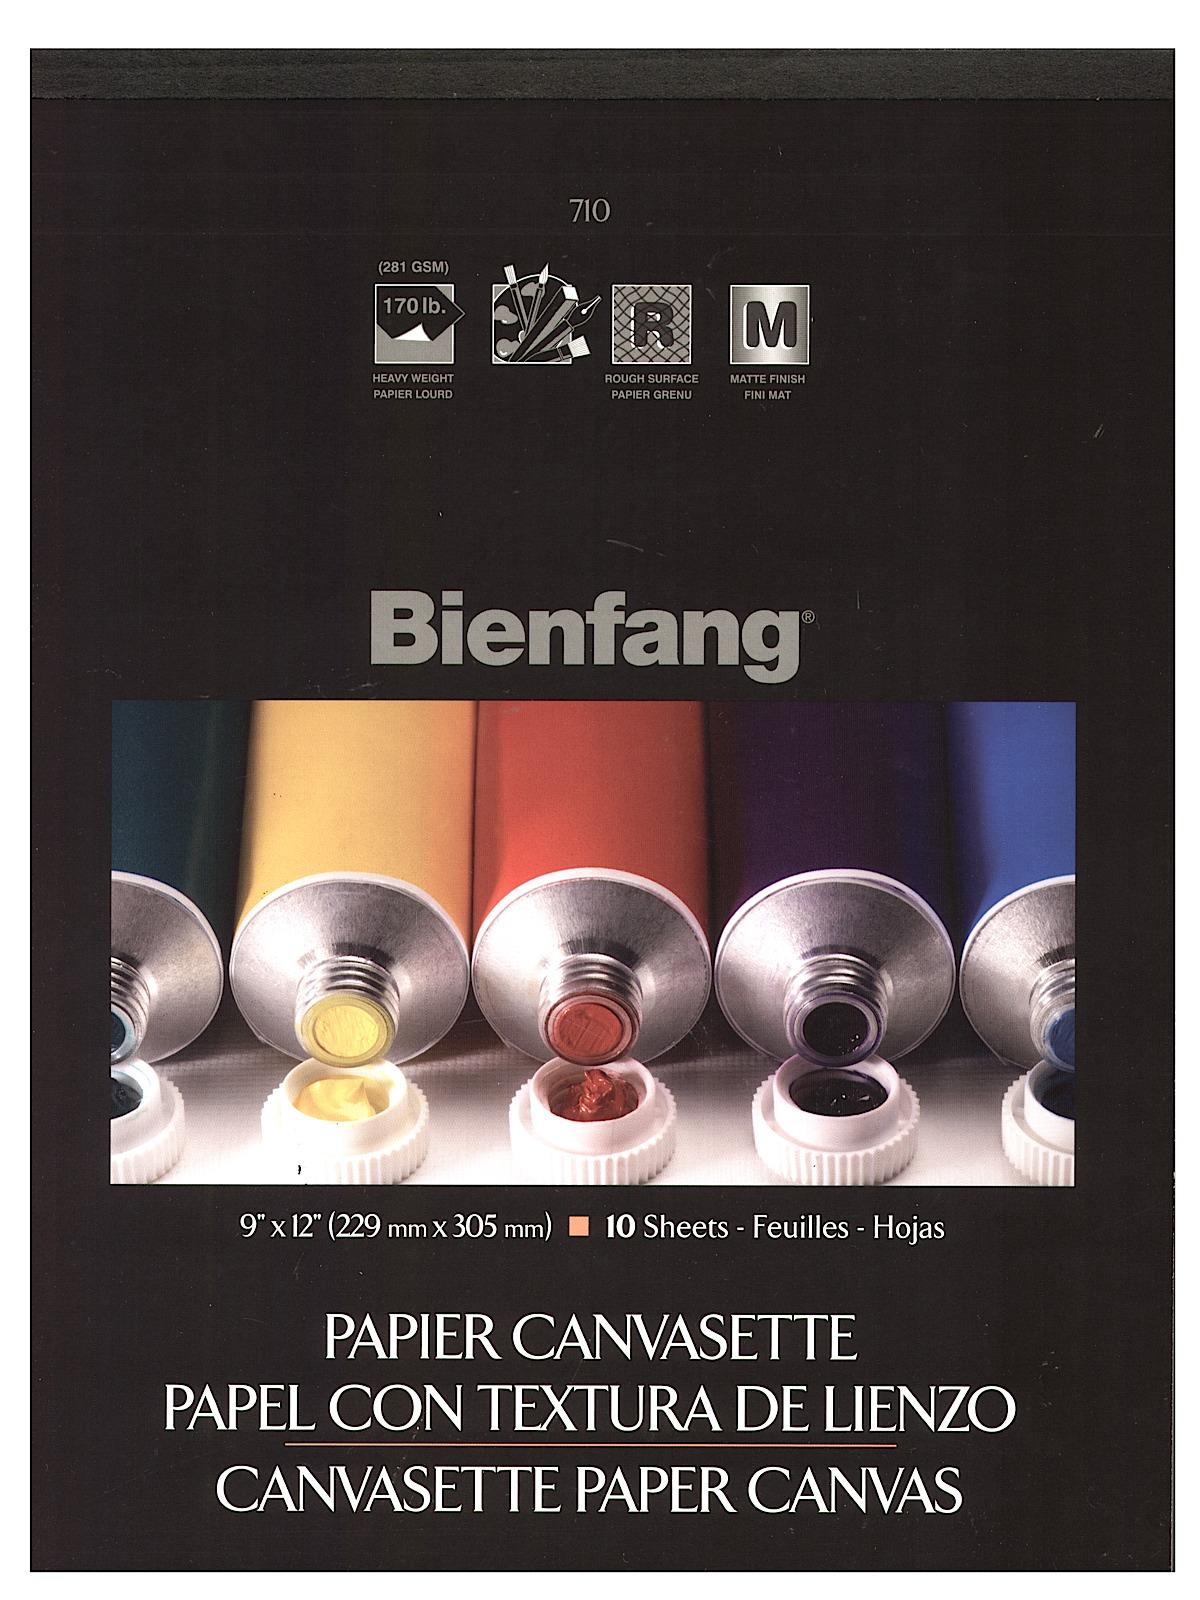 Canvasette Paper Canvas